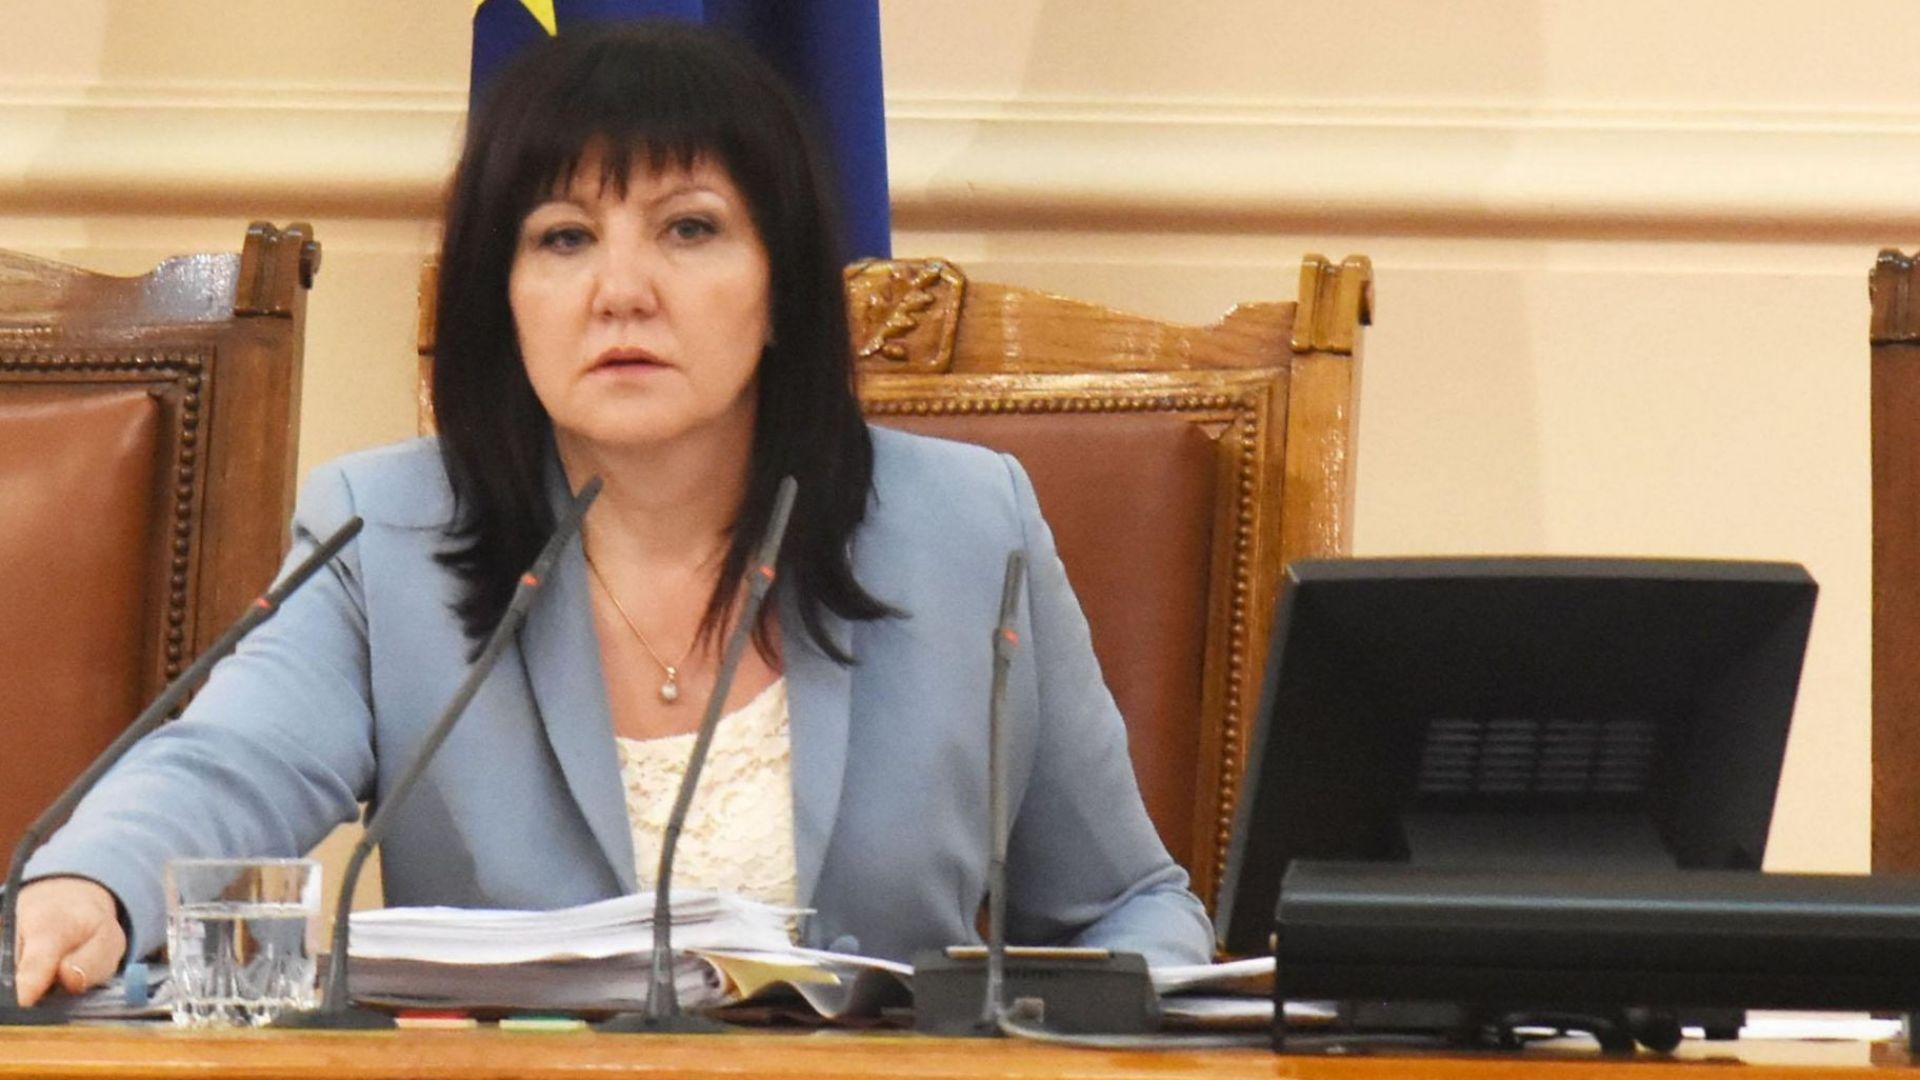 Цвета Караянчева: Шепа хора тласкат Босия към крайности и аплодират пътя му към смъртта